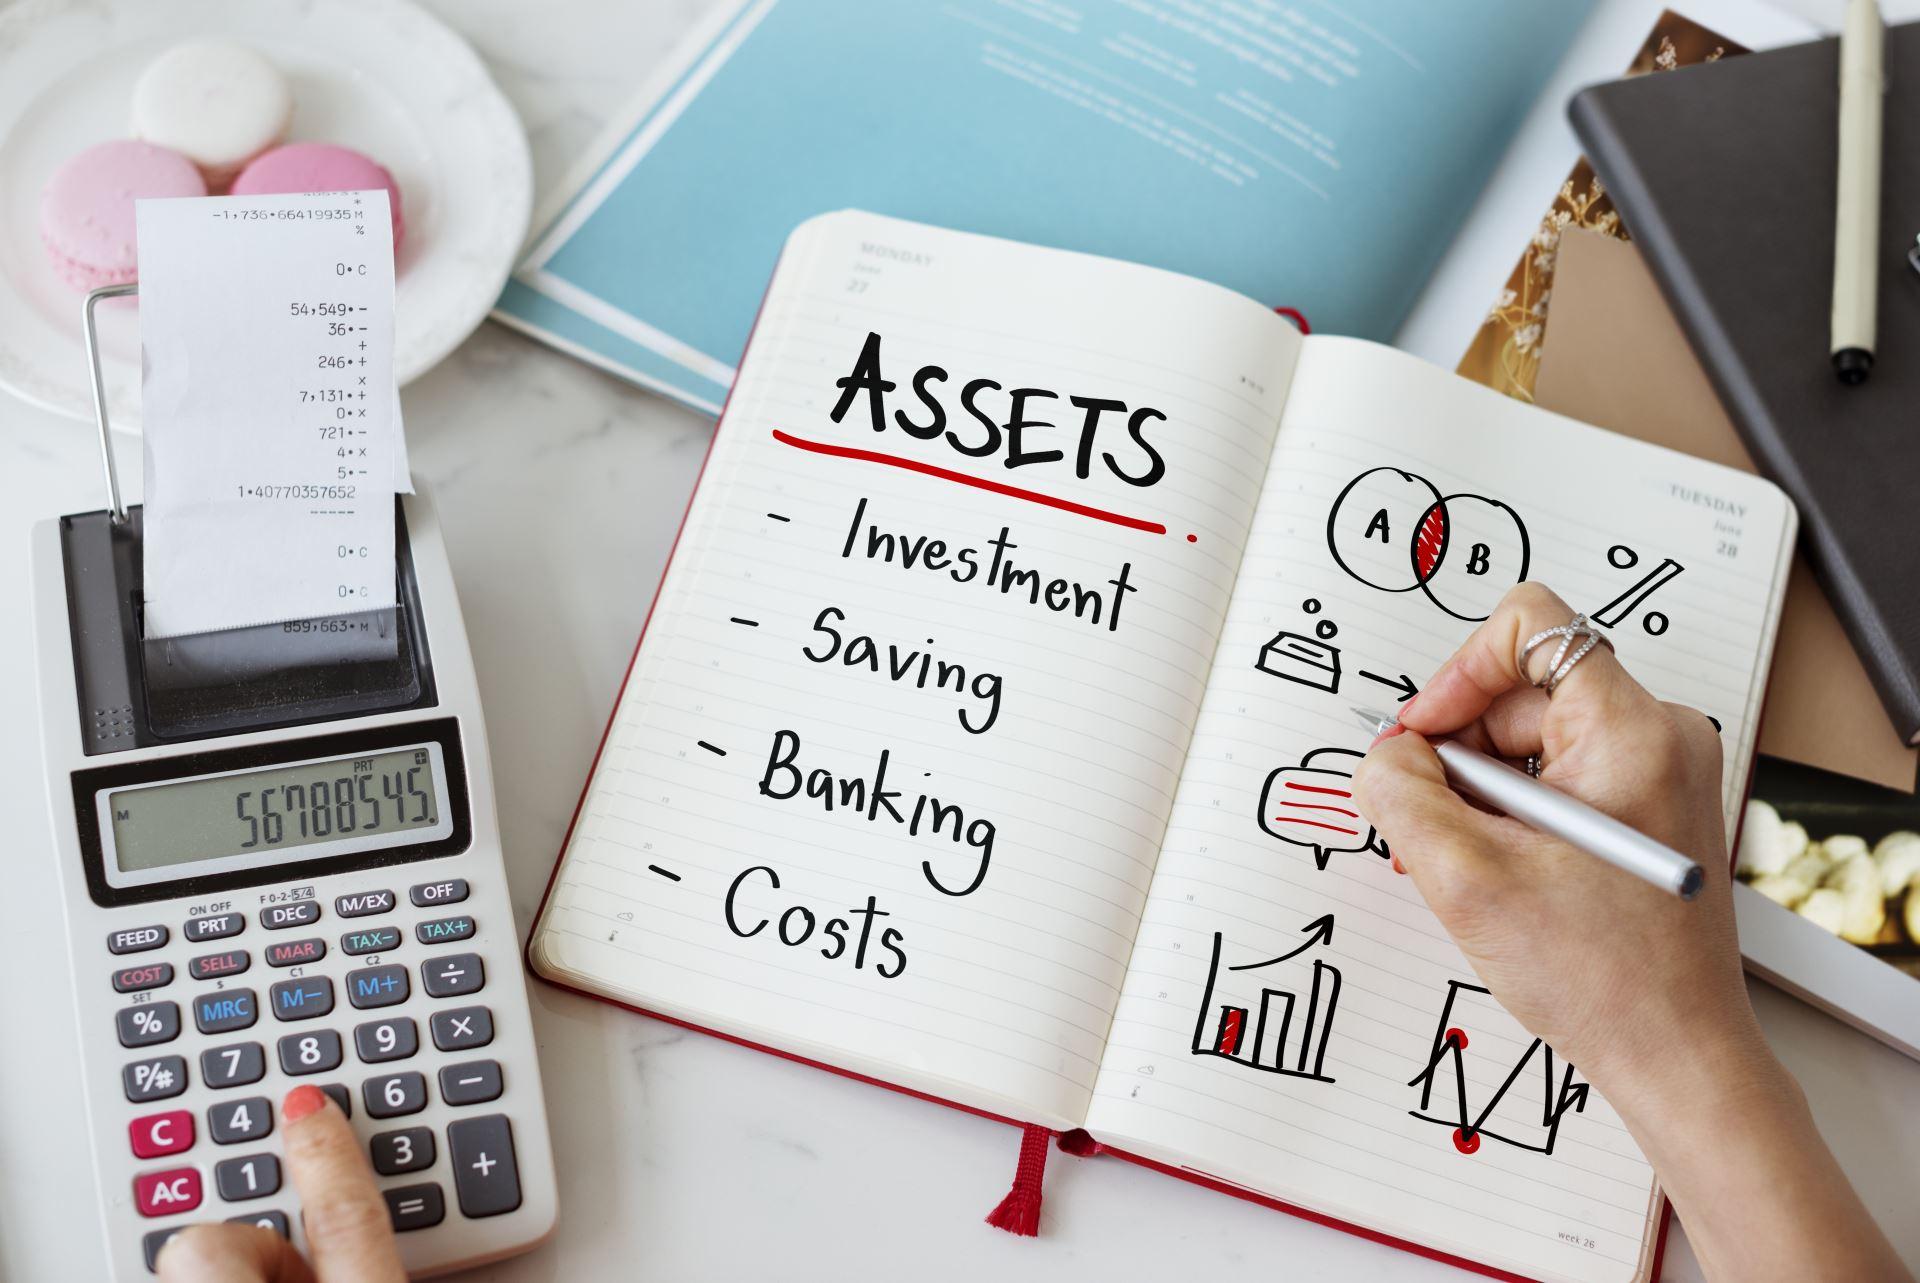 CFO Services